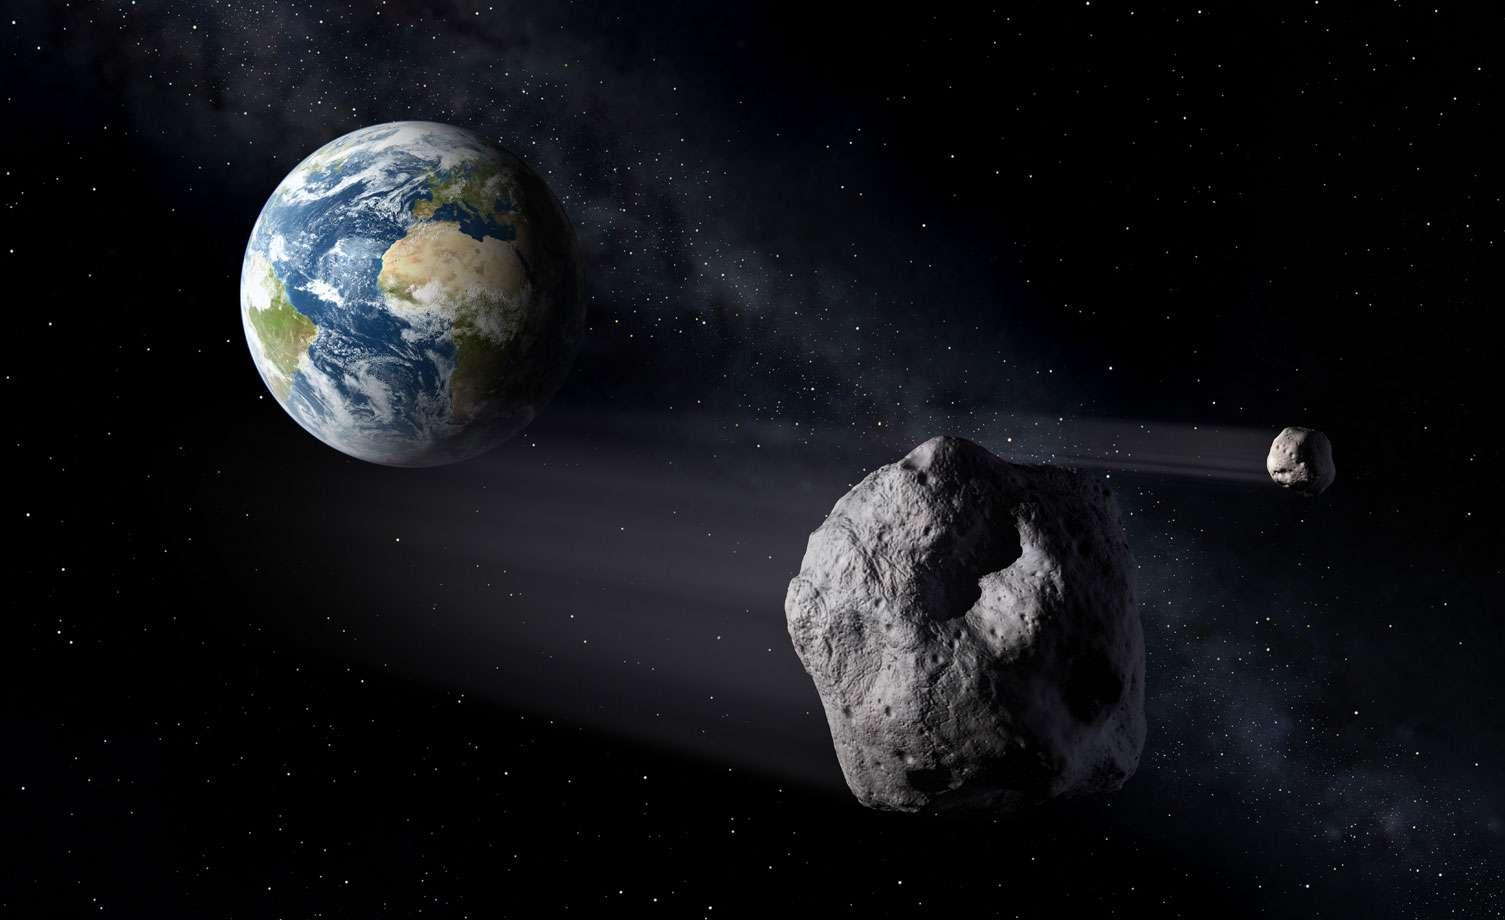 La déviation est la solution retenue pour protéger la Terre d'une collision avec un astéroïde. Bien qu'il existe d'autres solutions, celle-ci semble faire l'unanimité. © Esa, P. Carril